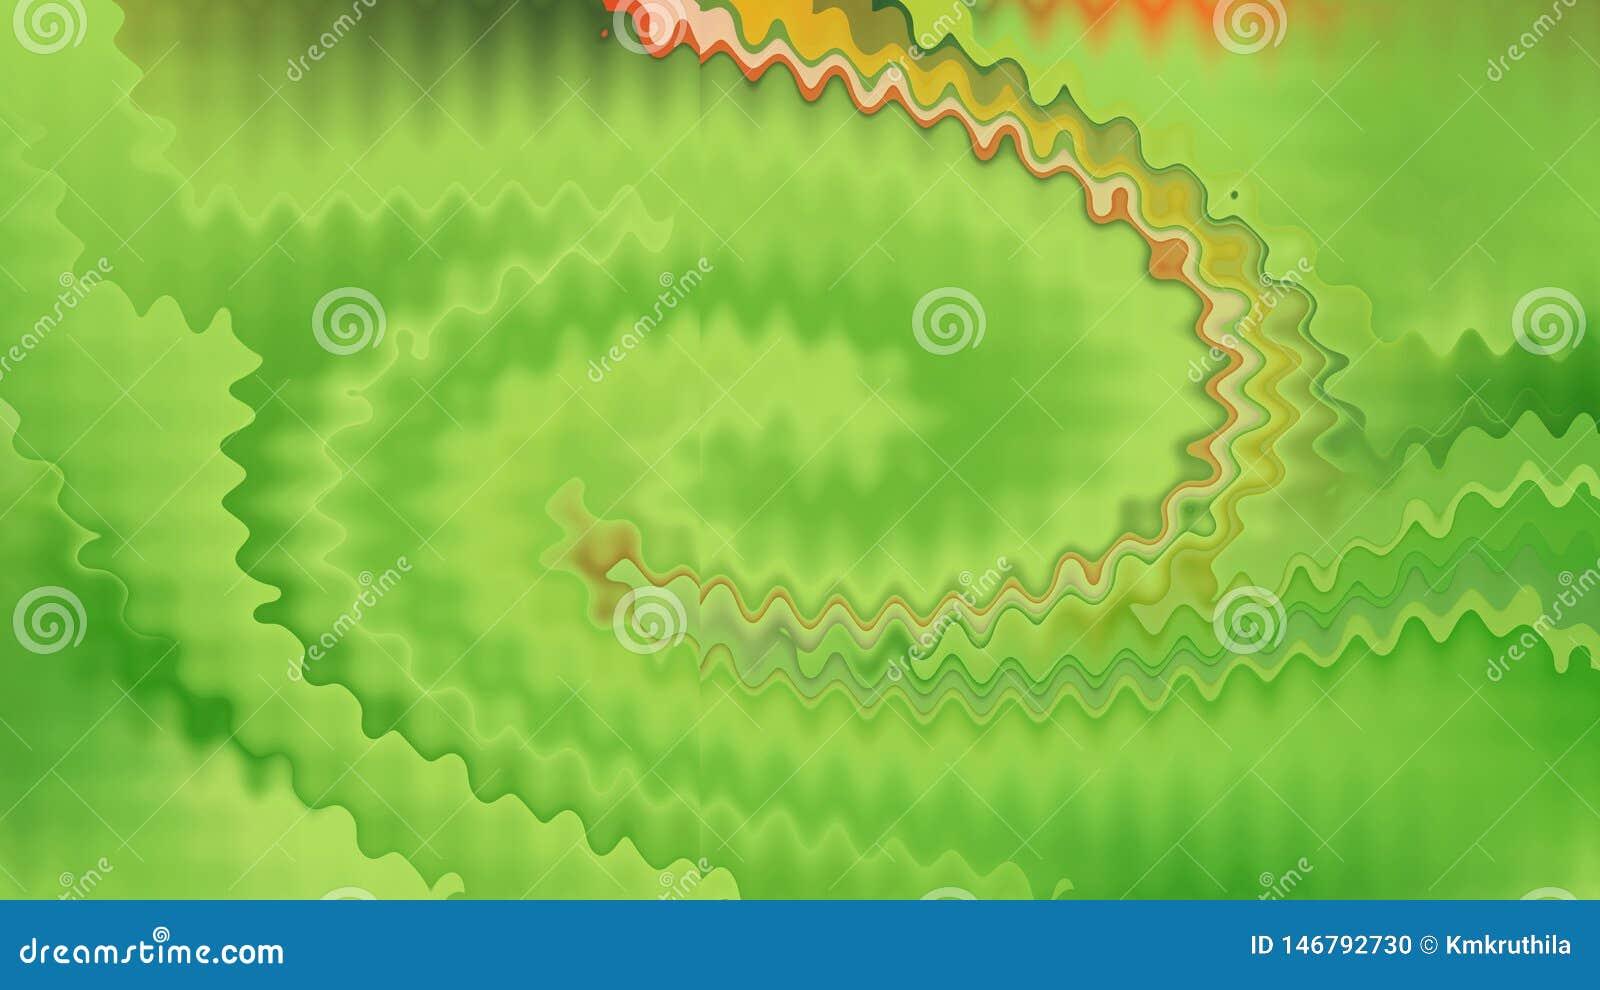 Fundo elegante bonito do projeto da arte gráfica da ilustração do fundo amarelo verde do teste padrão